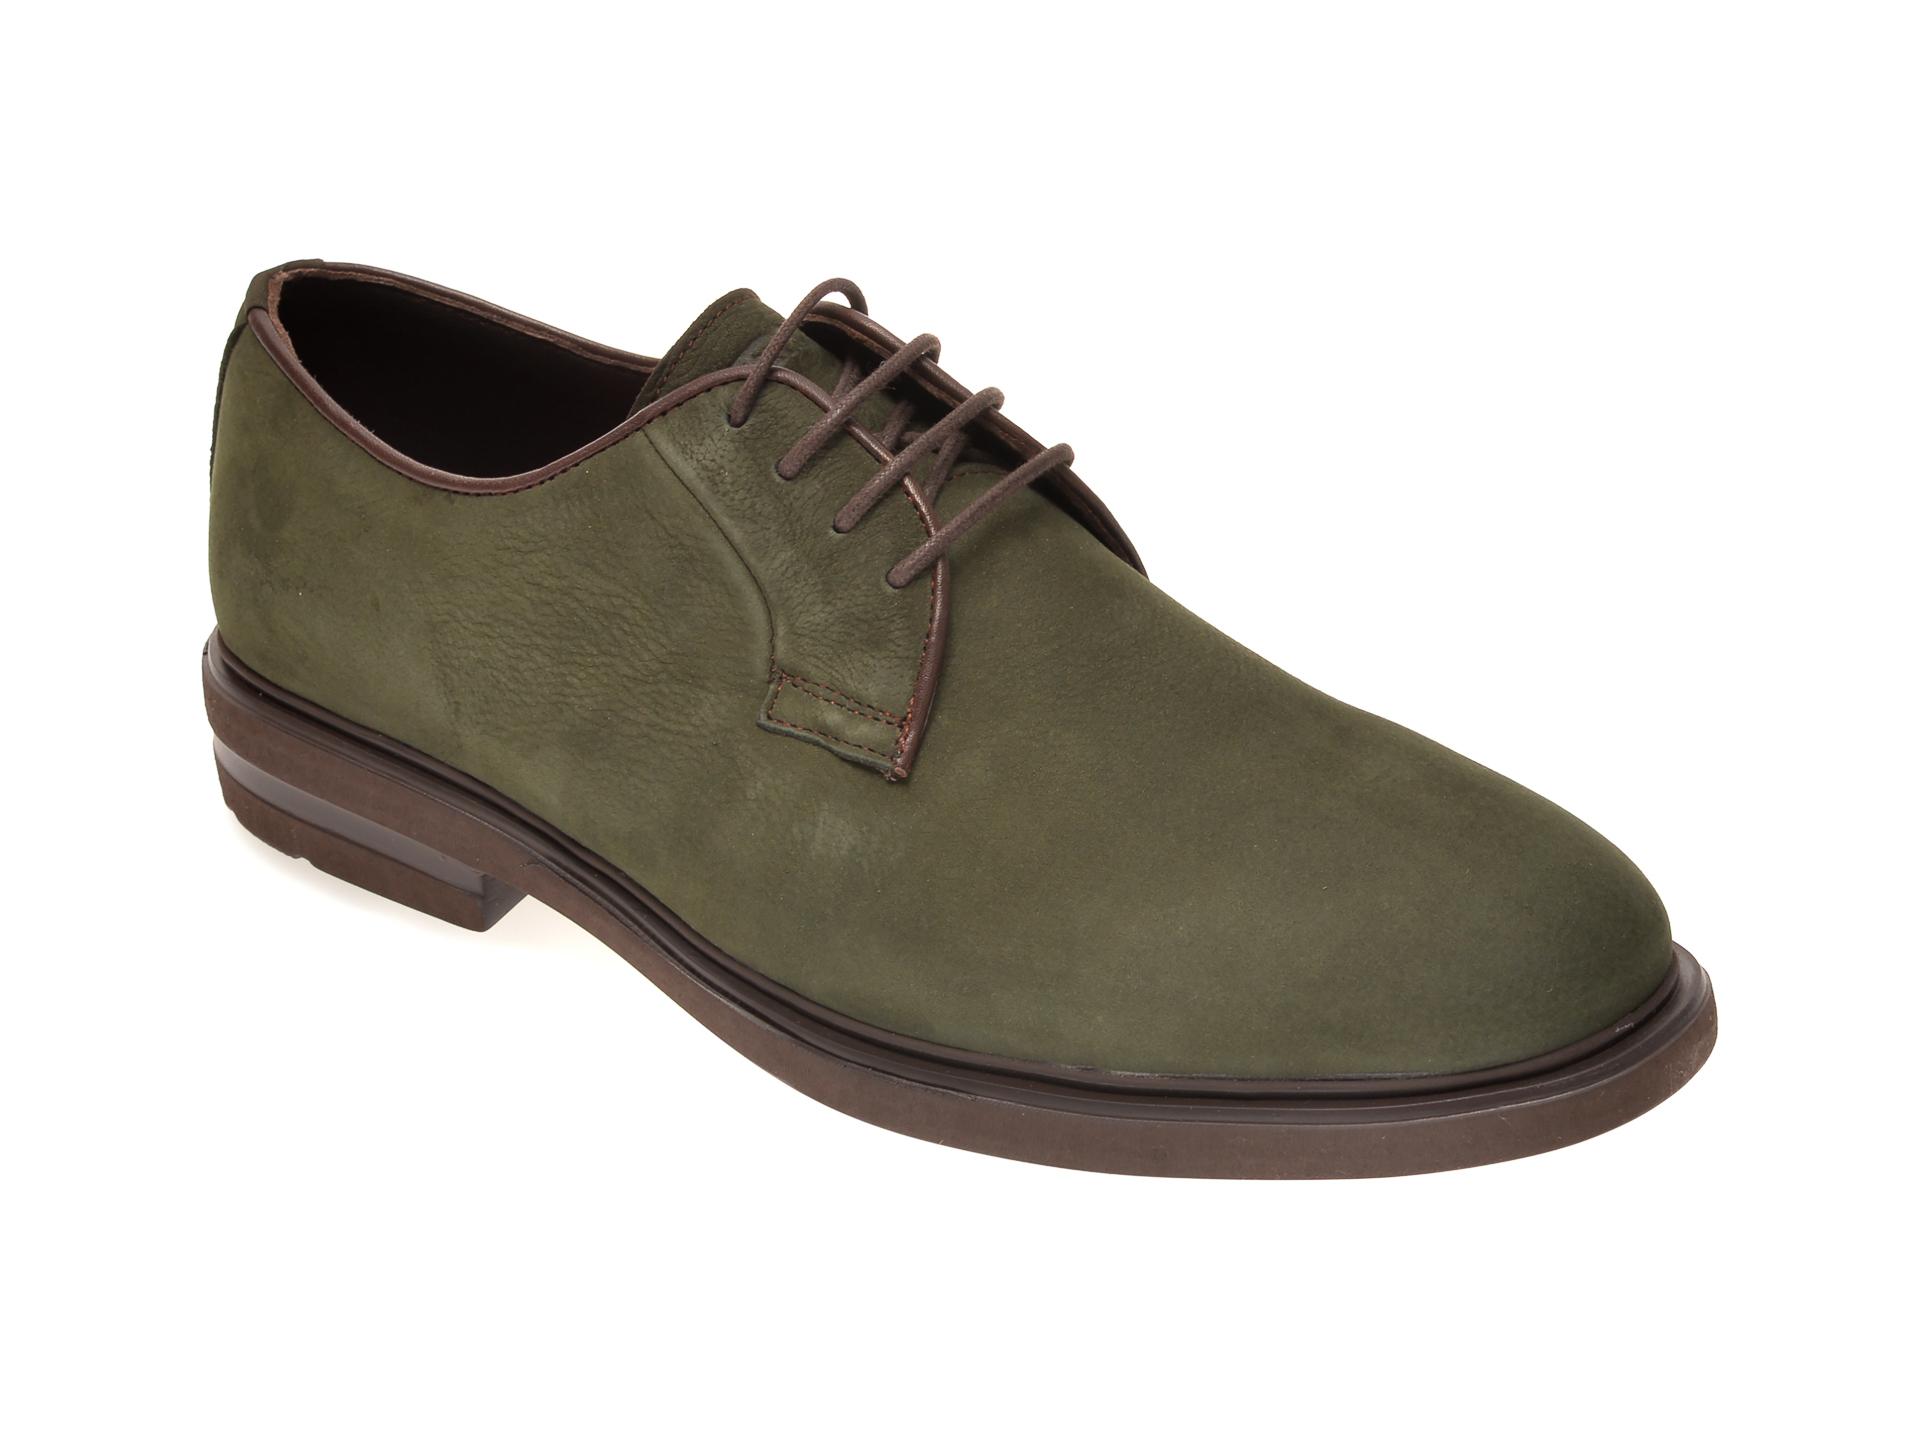 Pantofi OTTER verzi, E1801, din nabuc New